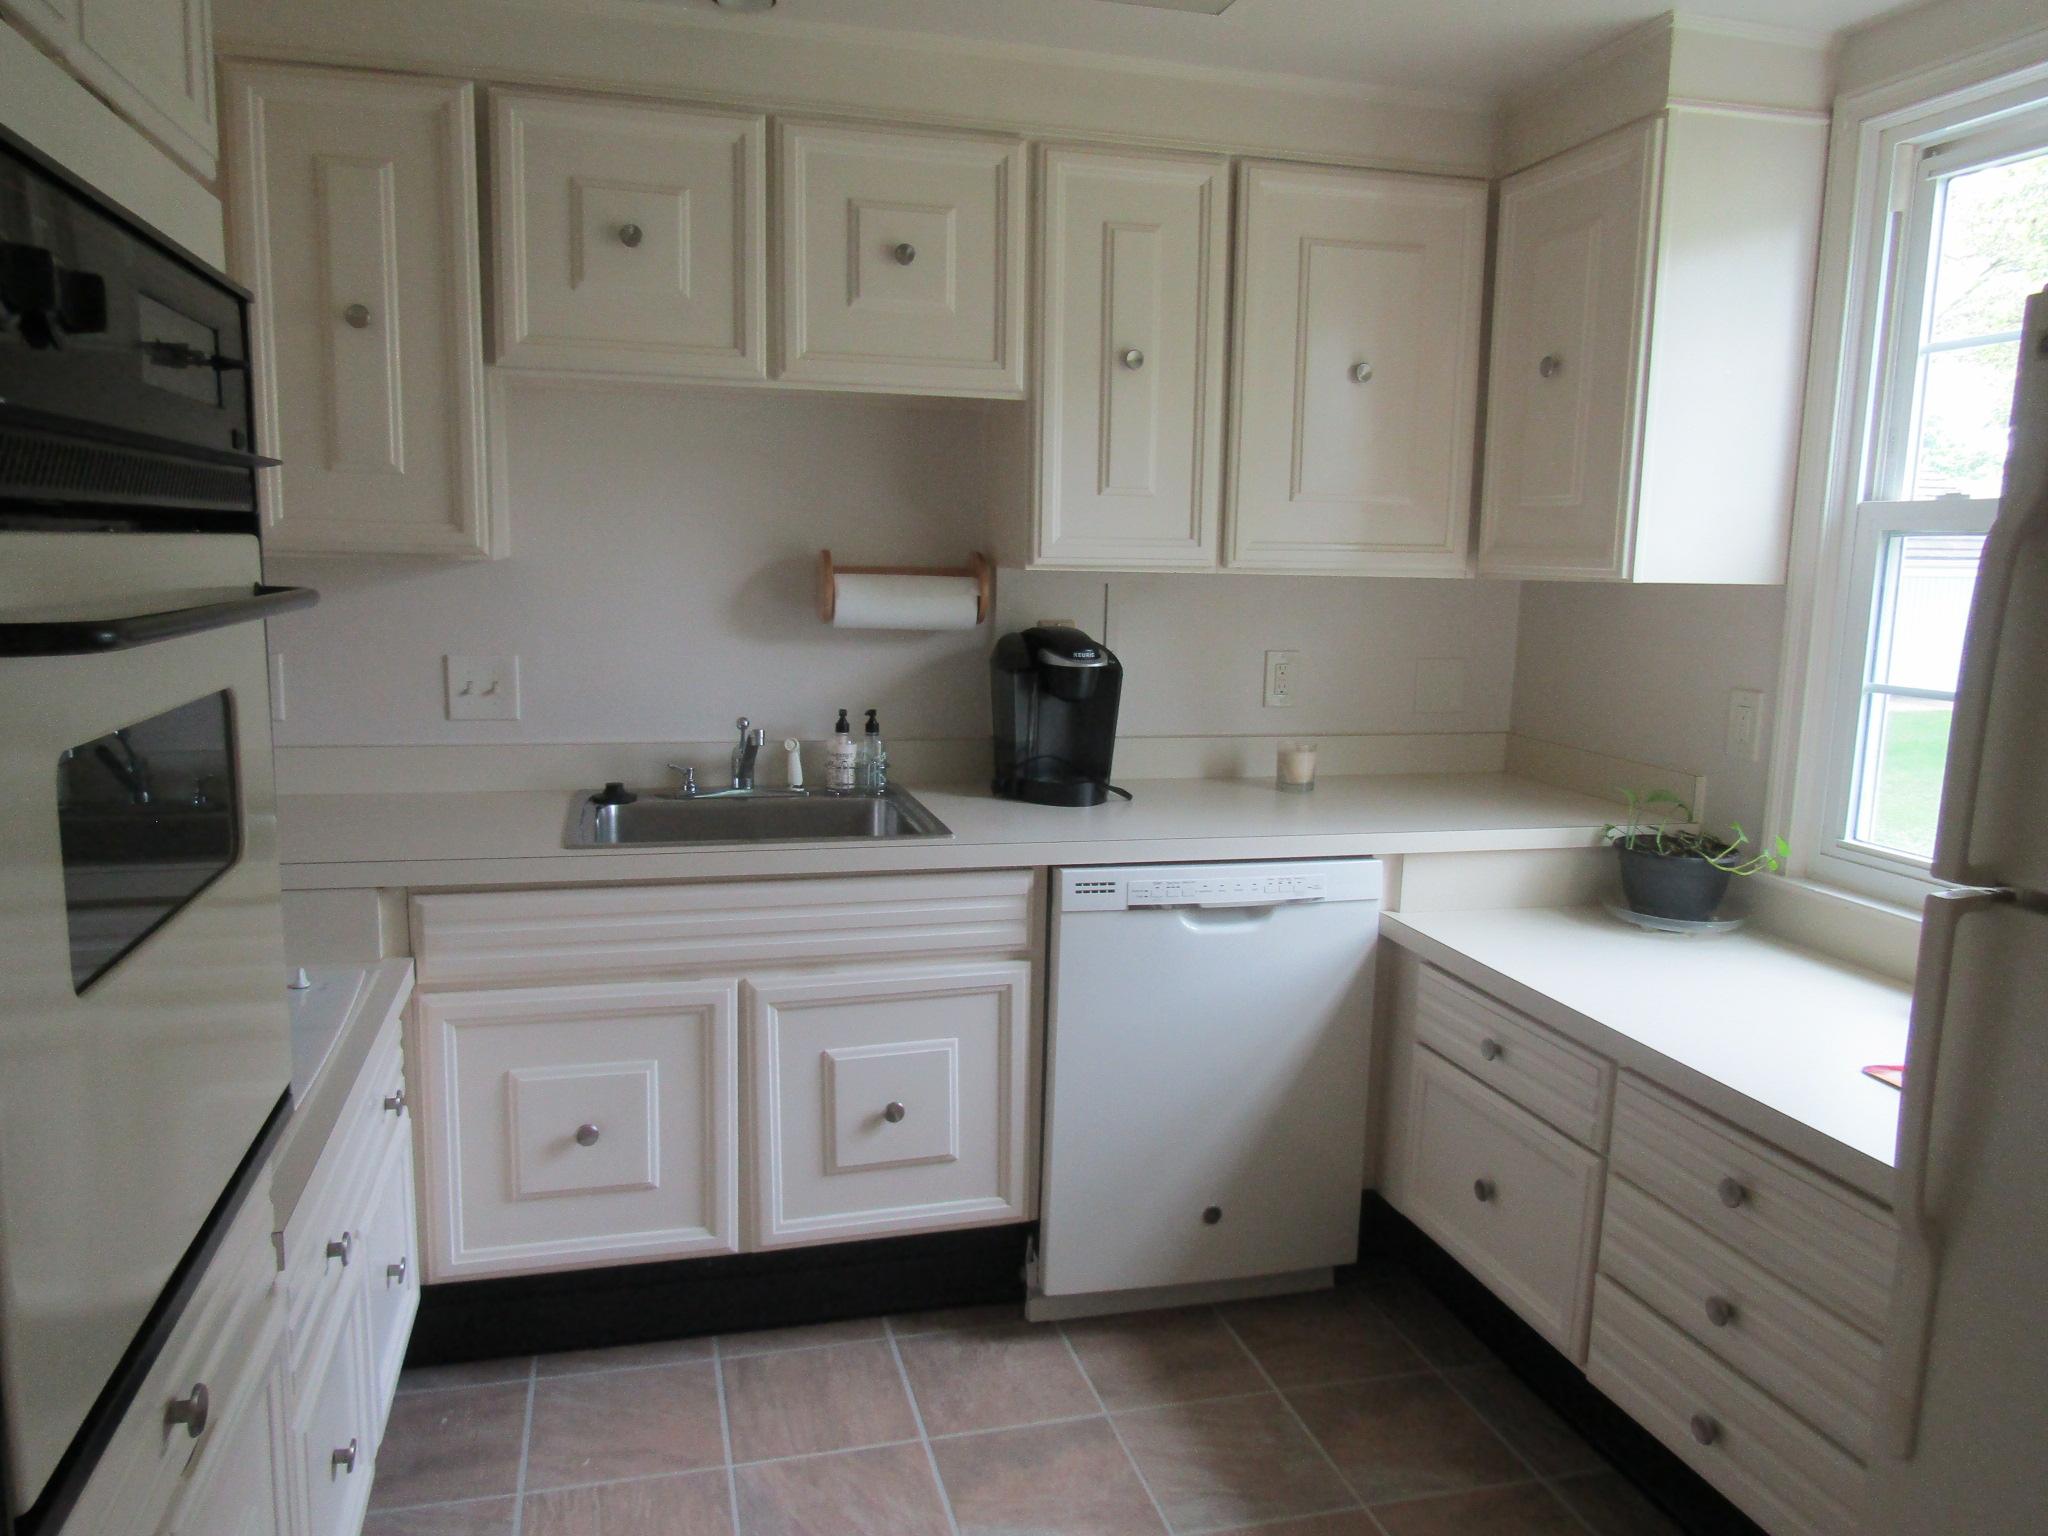 26-D kitchen